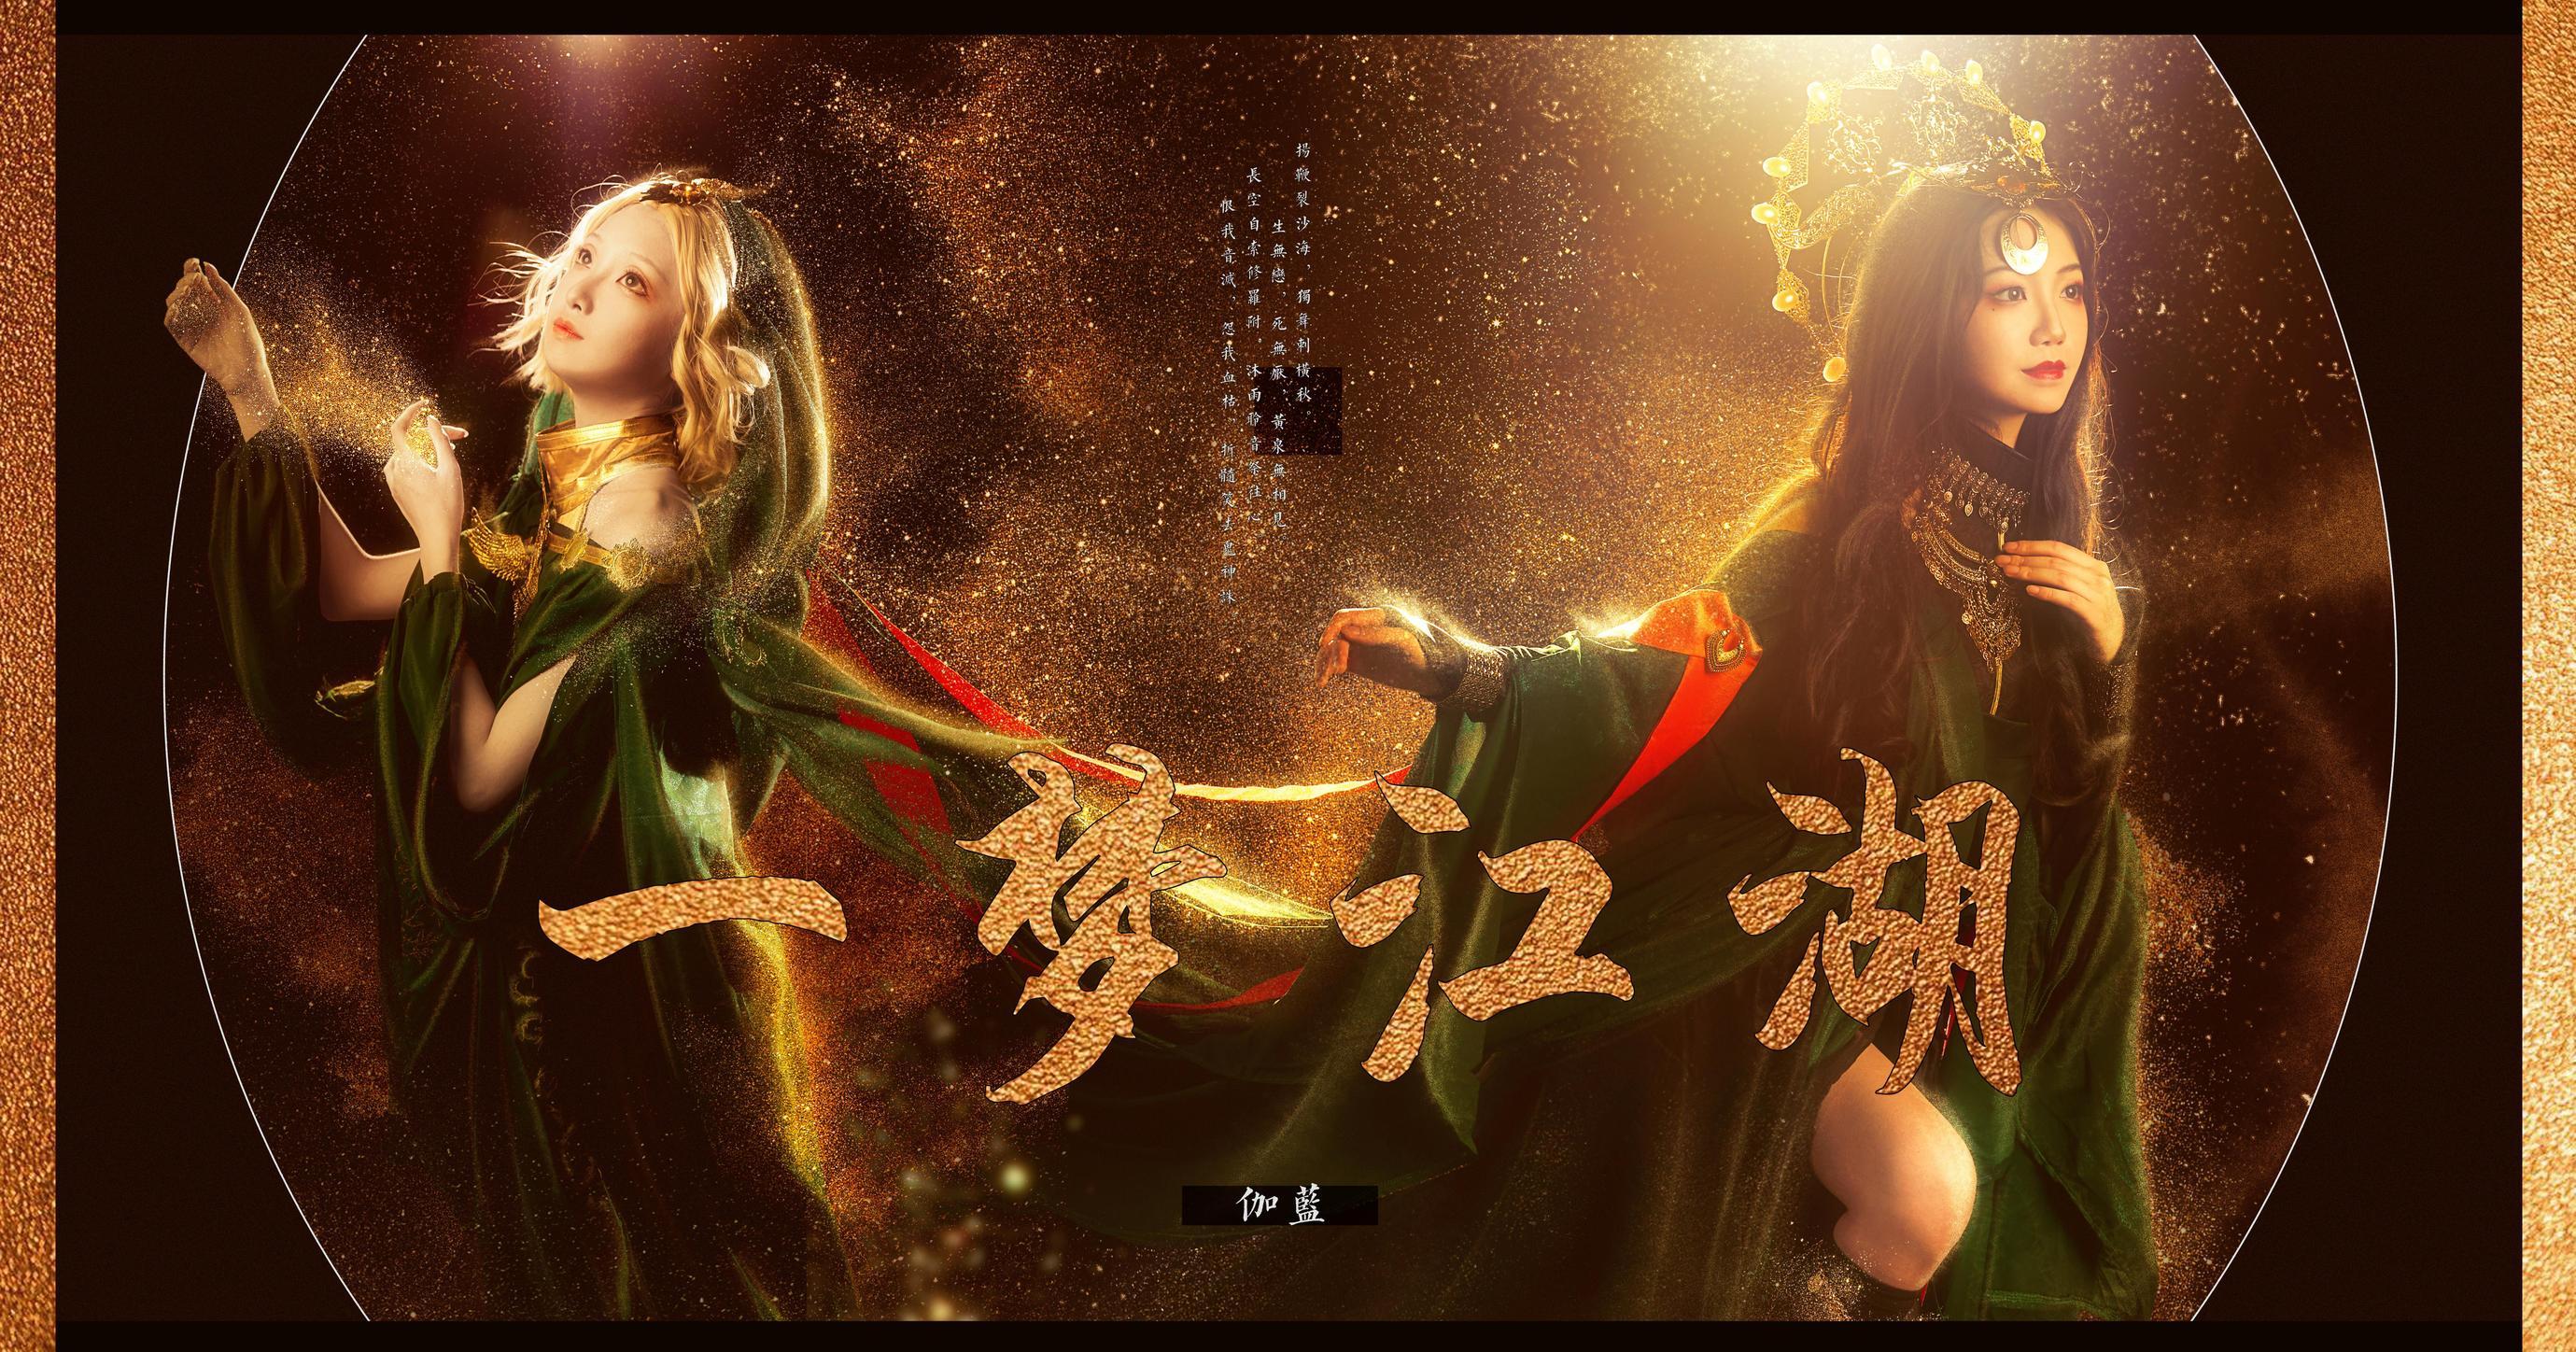 《一梦江湖》游戏cosplay【CN:原年】-第1张